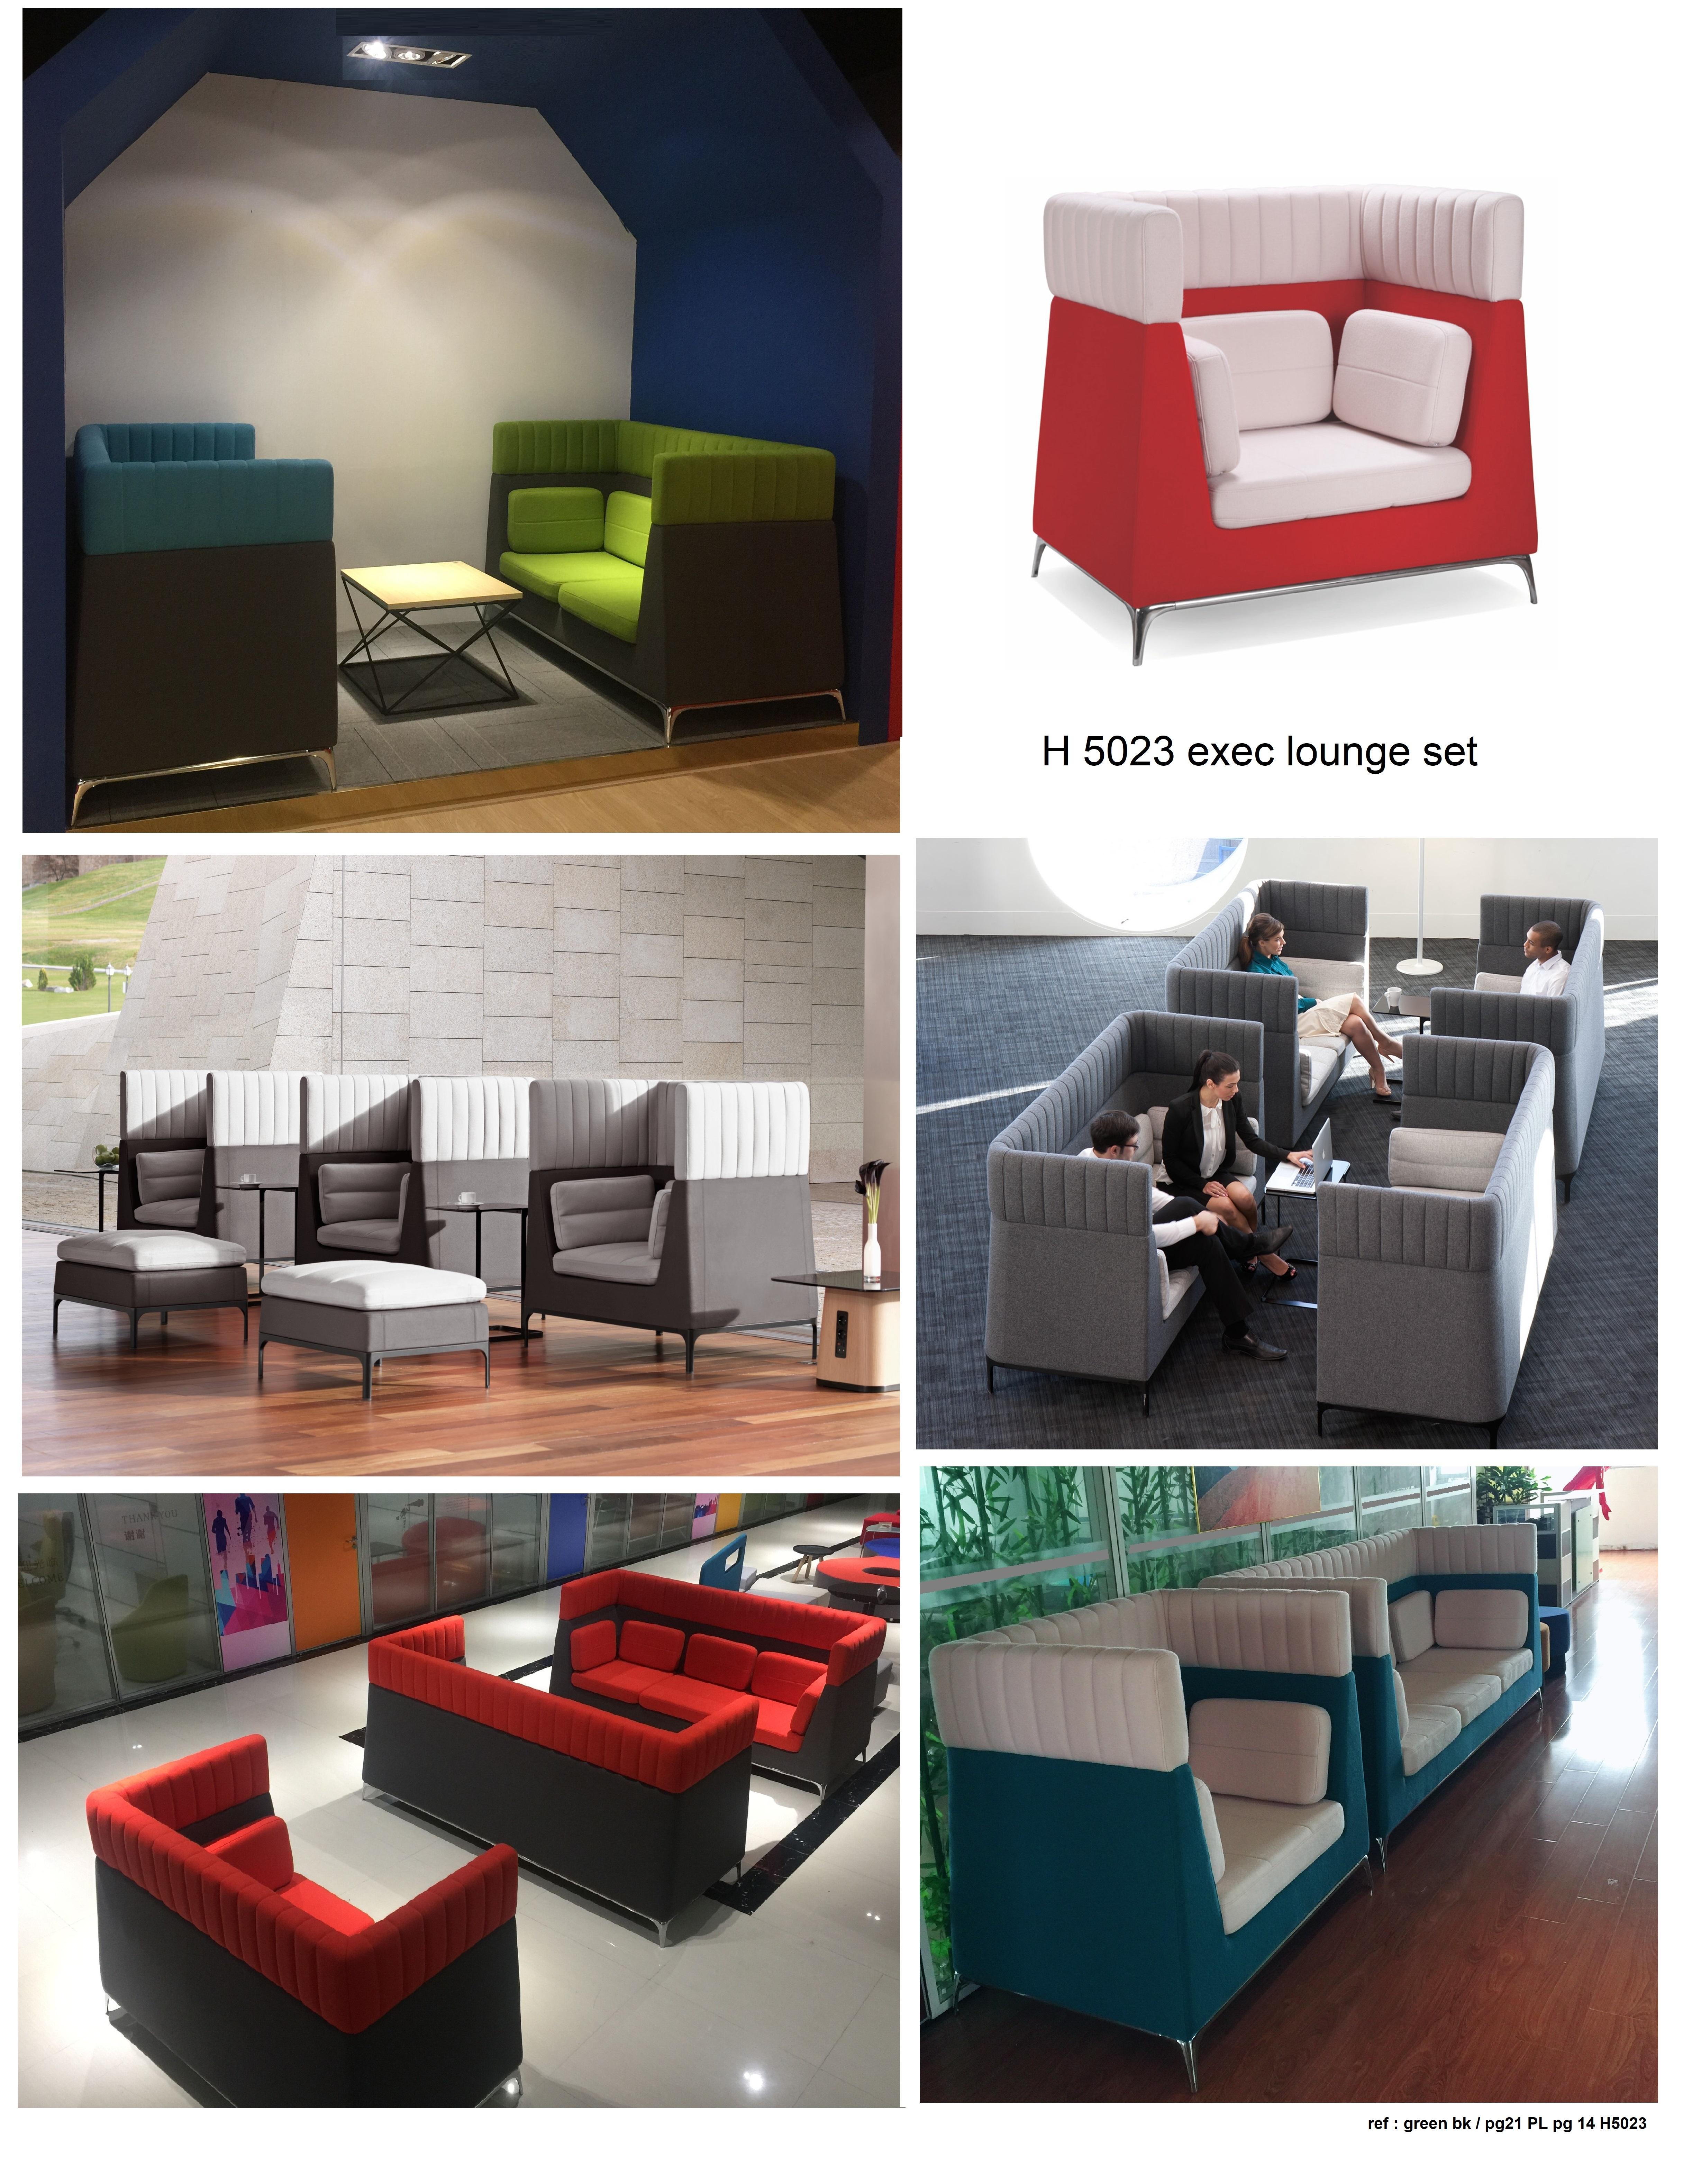 H 5023 exec lounge.jpg